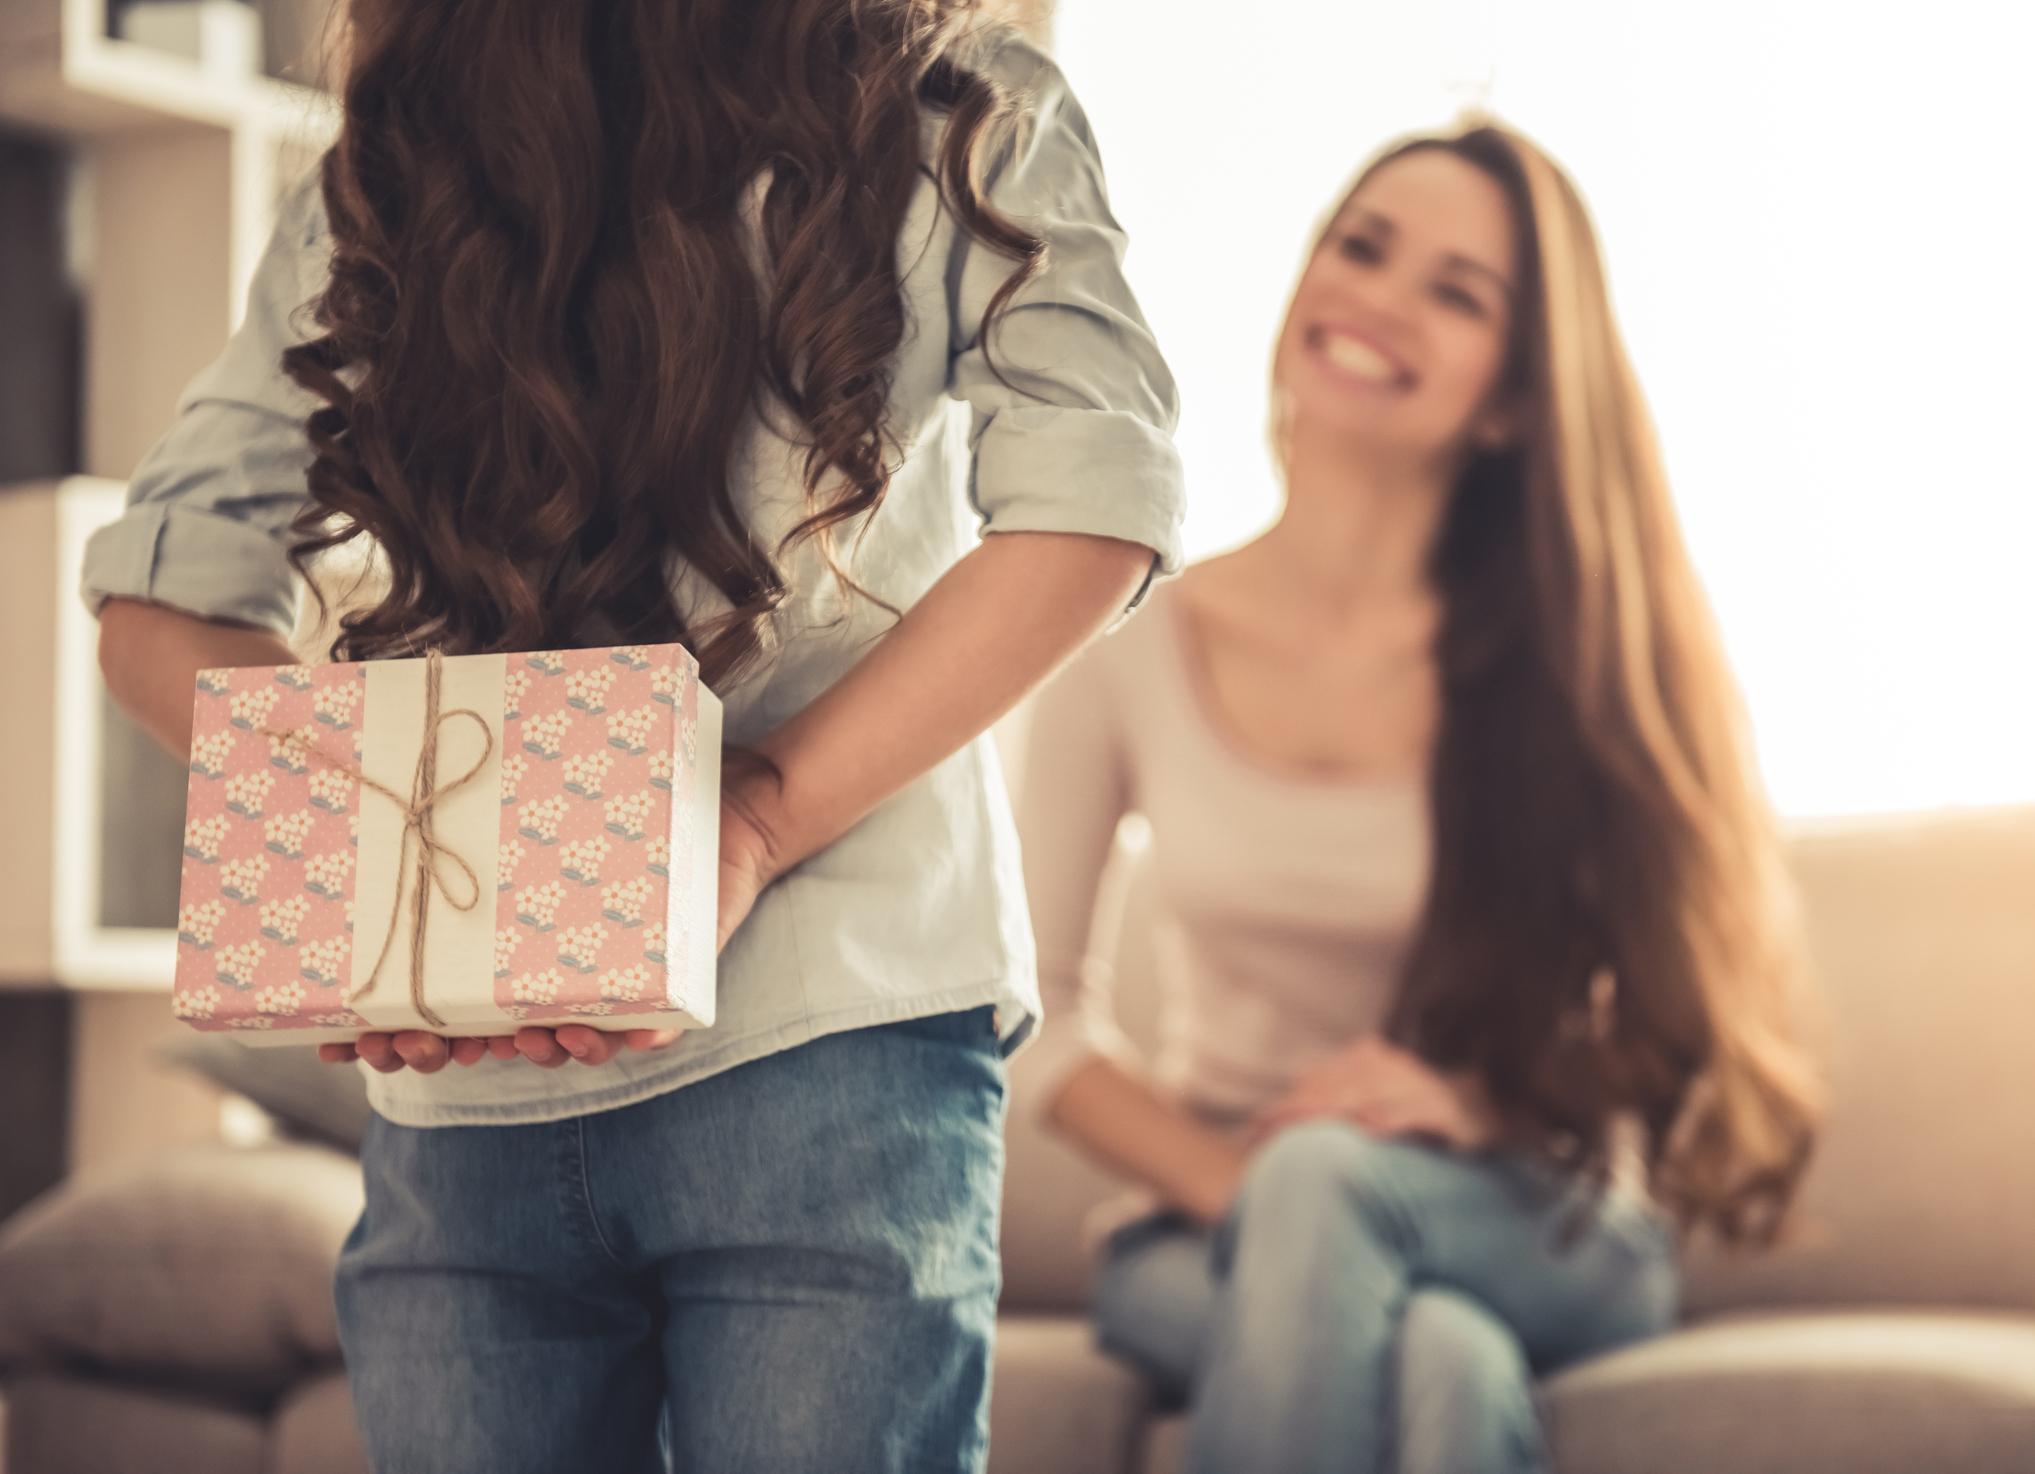 Nem sempre o presente de fim de ano agrada ou serve e a hora da troca de presentes pode ser uma dor de cabeça. Saiba quais são os direitos do consumidor.